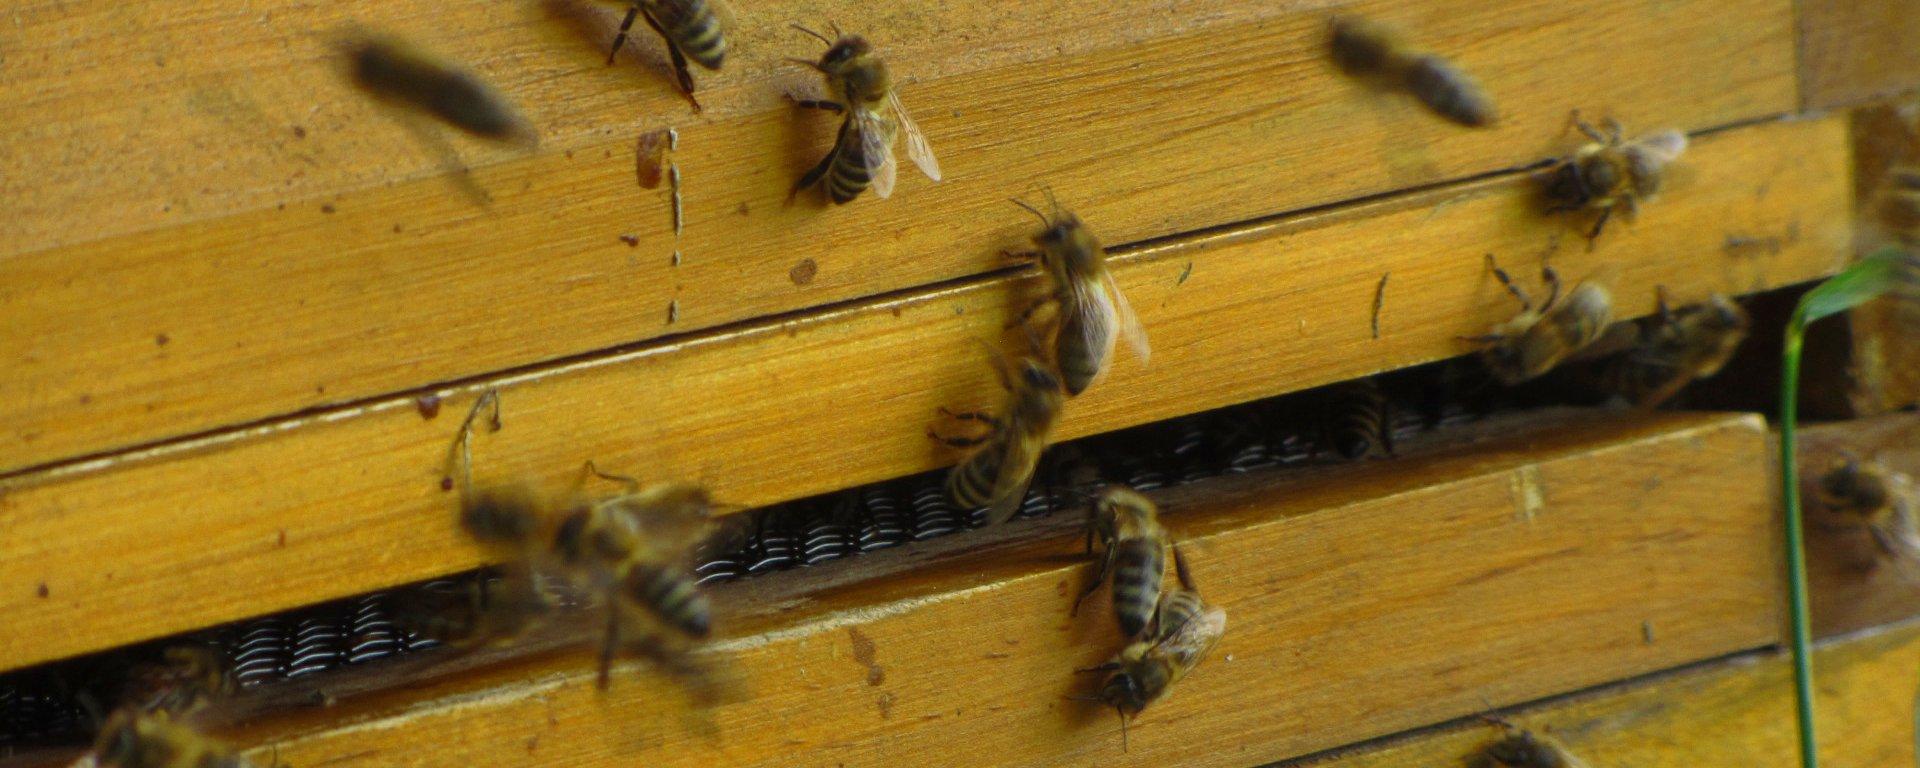 Honig als natürliches Lebensmittel